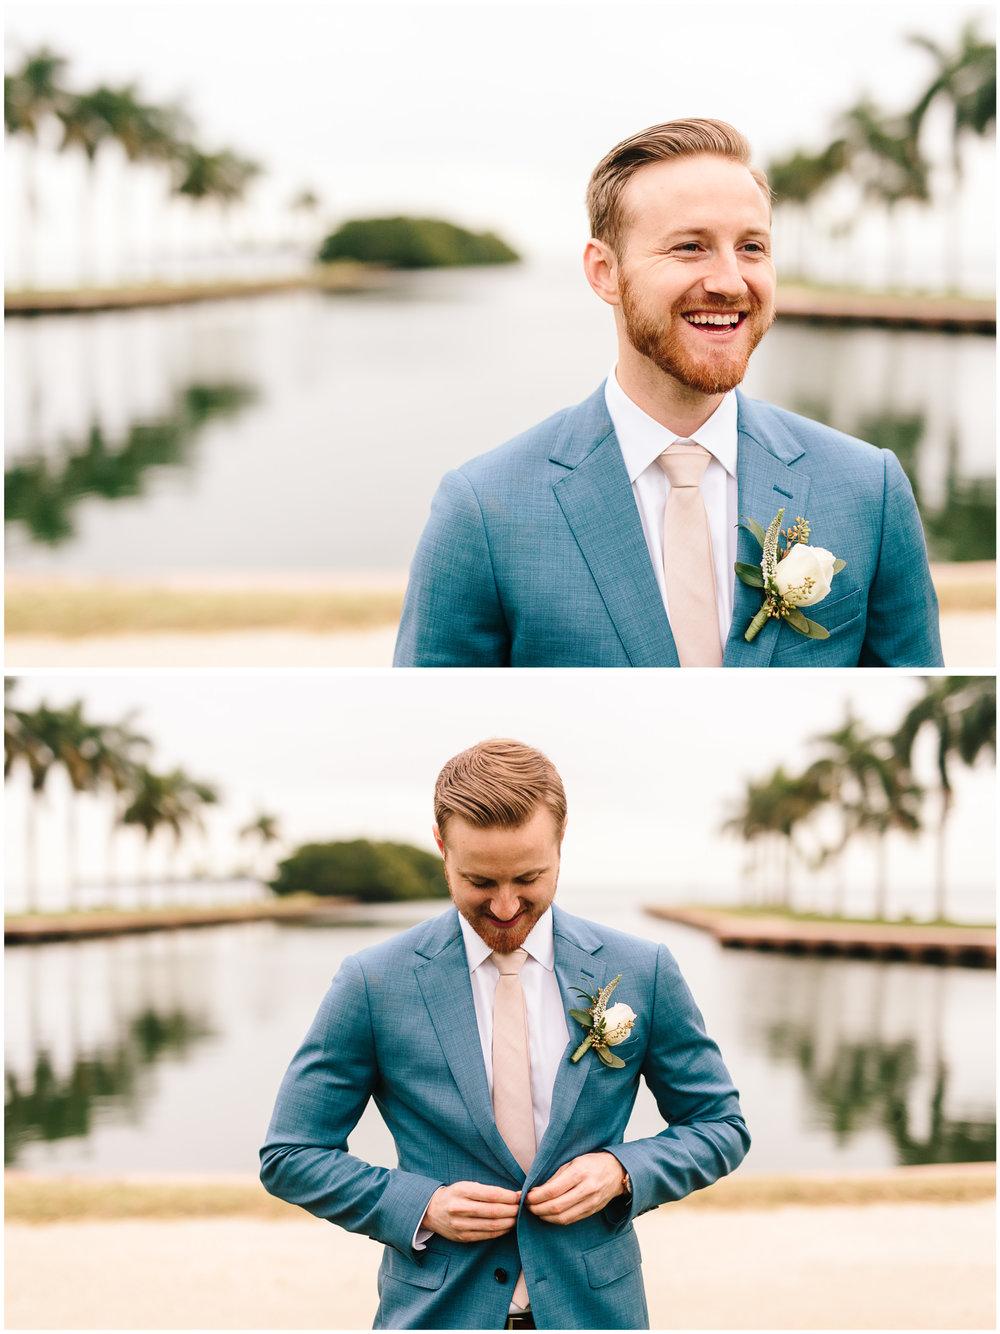 the_deering_estate_wedding_31a.jpg